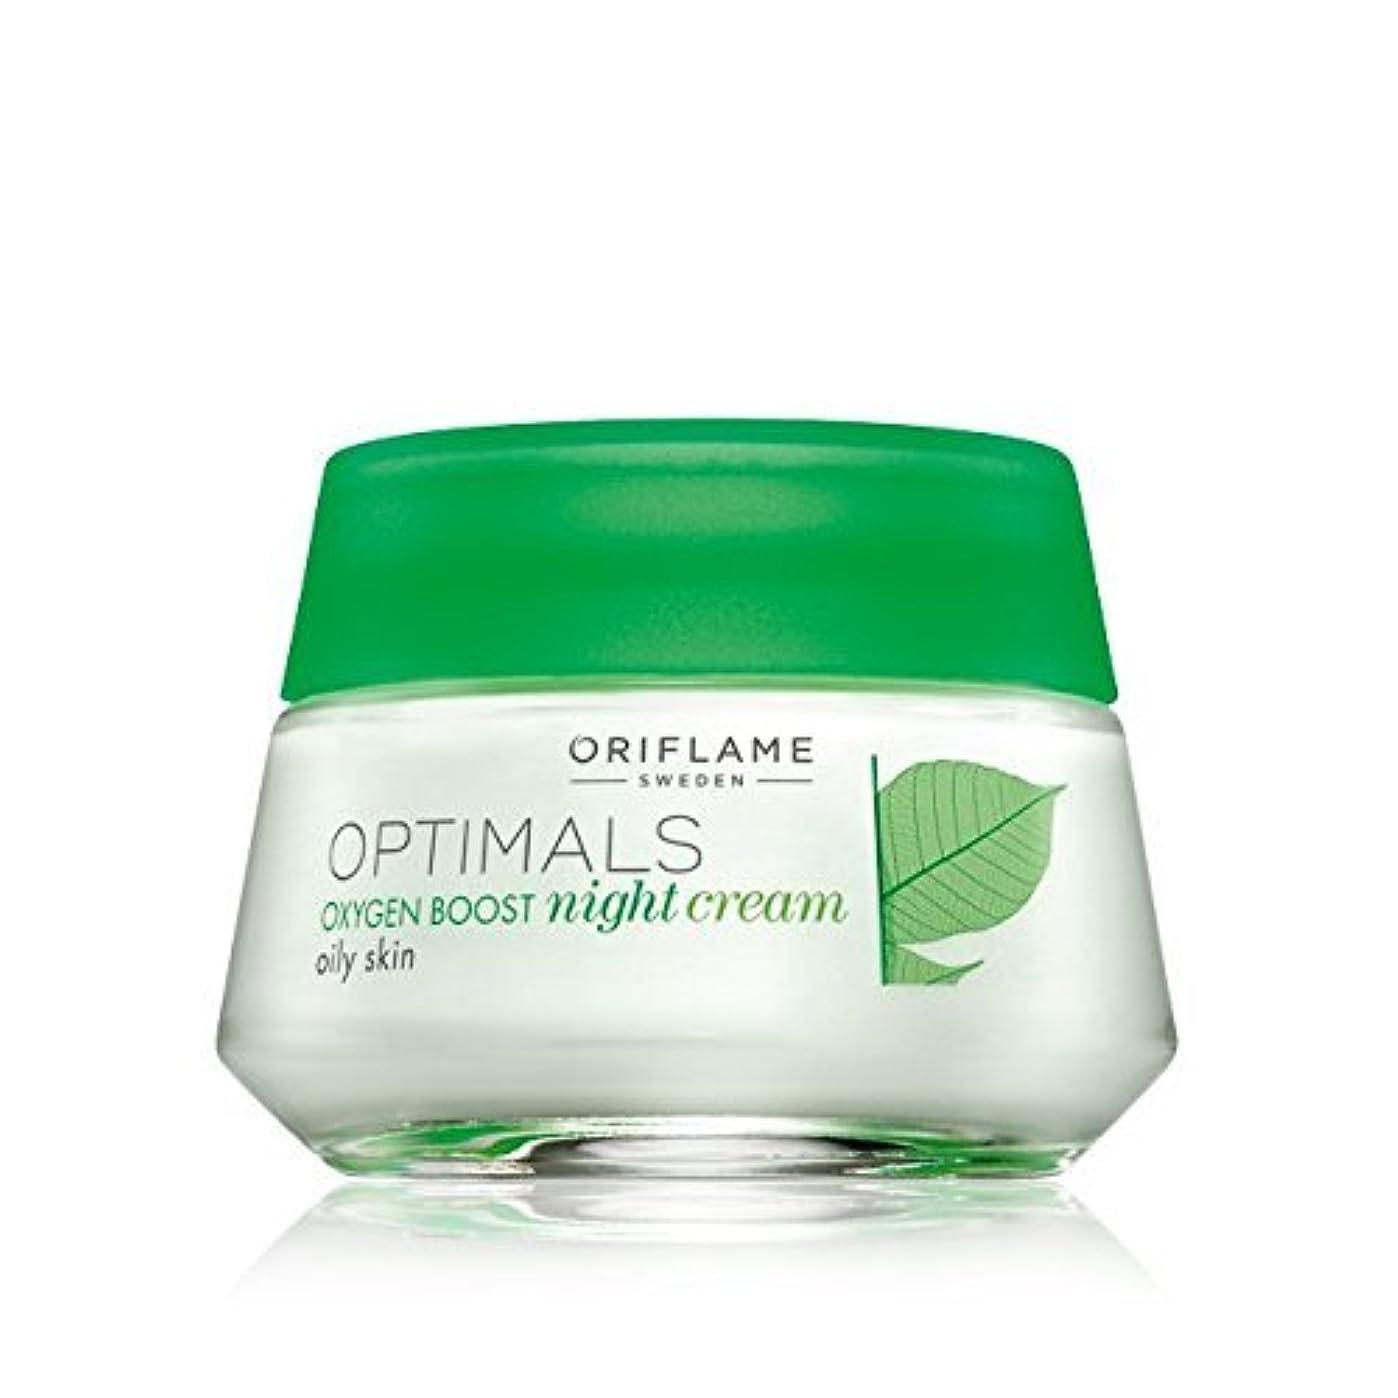 落とし穴ポインタ快適Optimals Oxygen Boost Night Cream Oily Skin by Oriflame